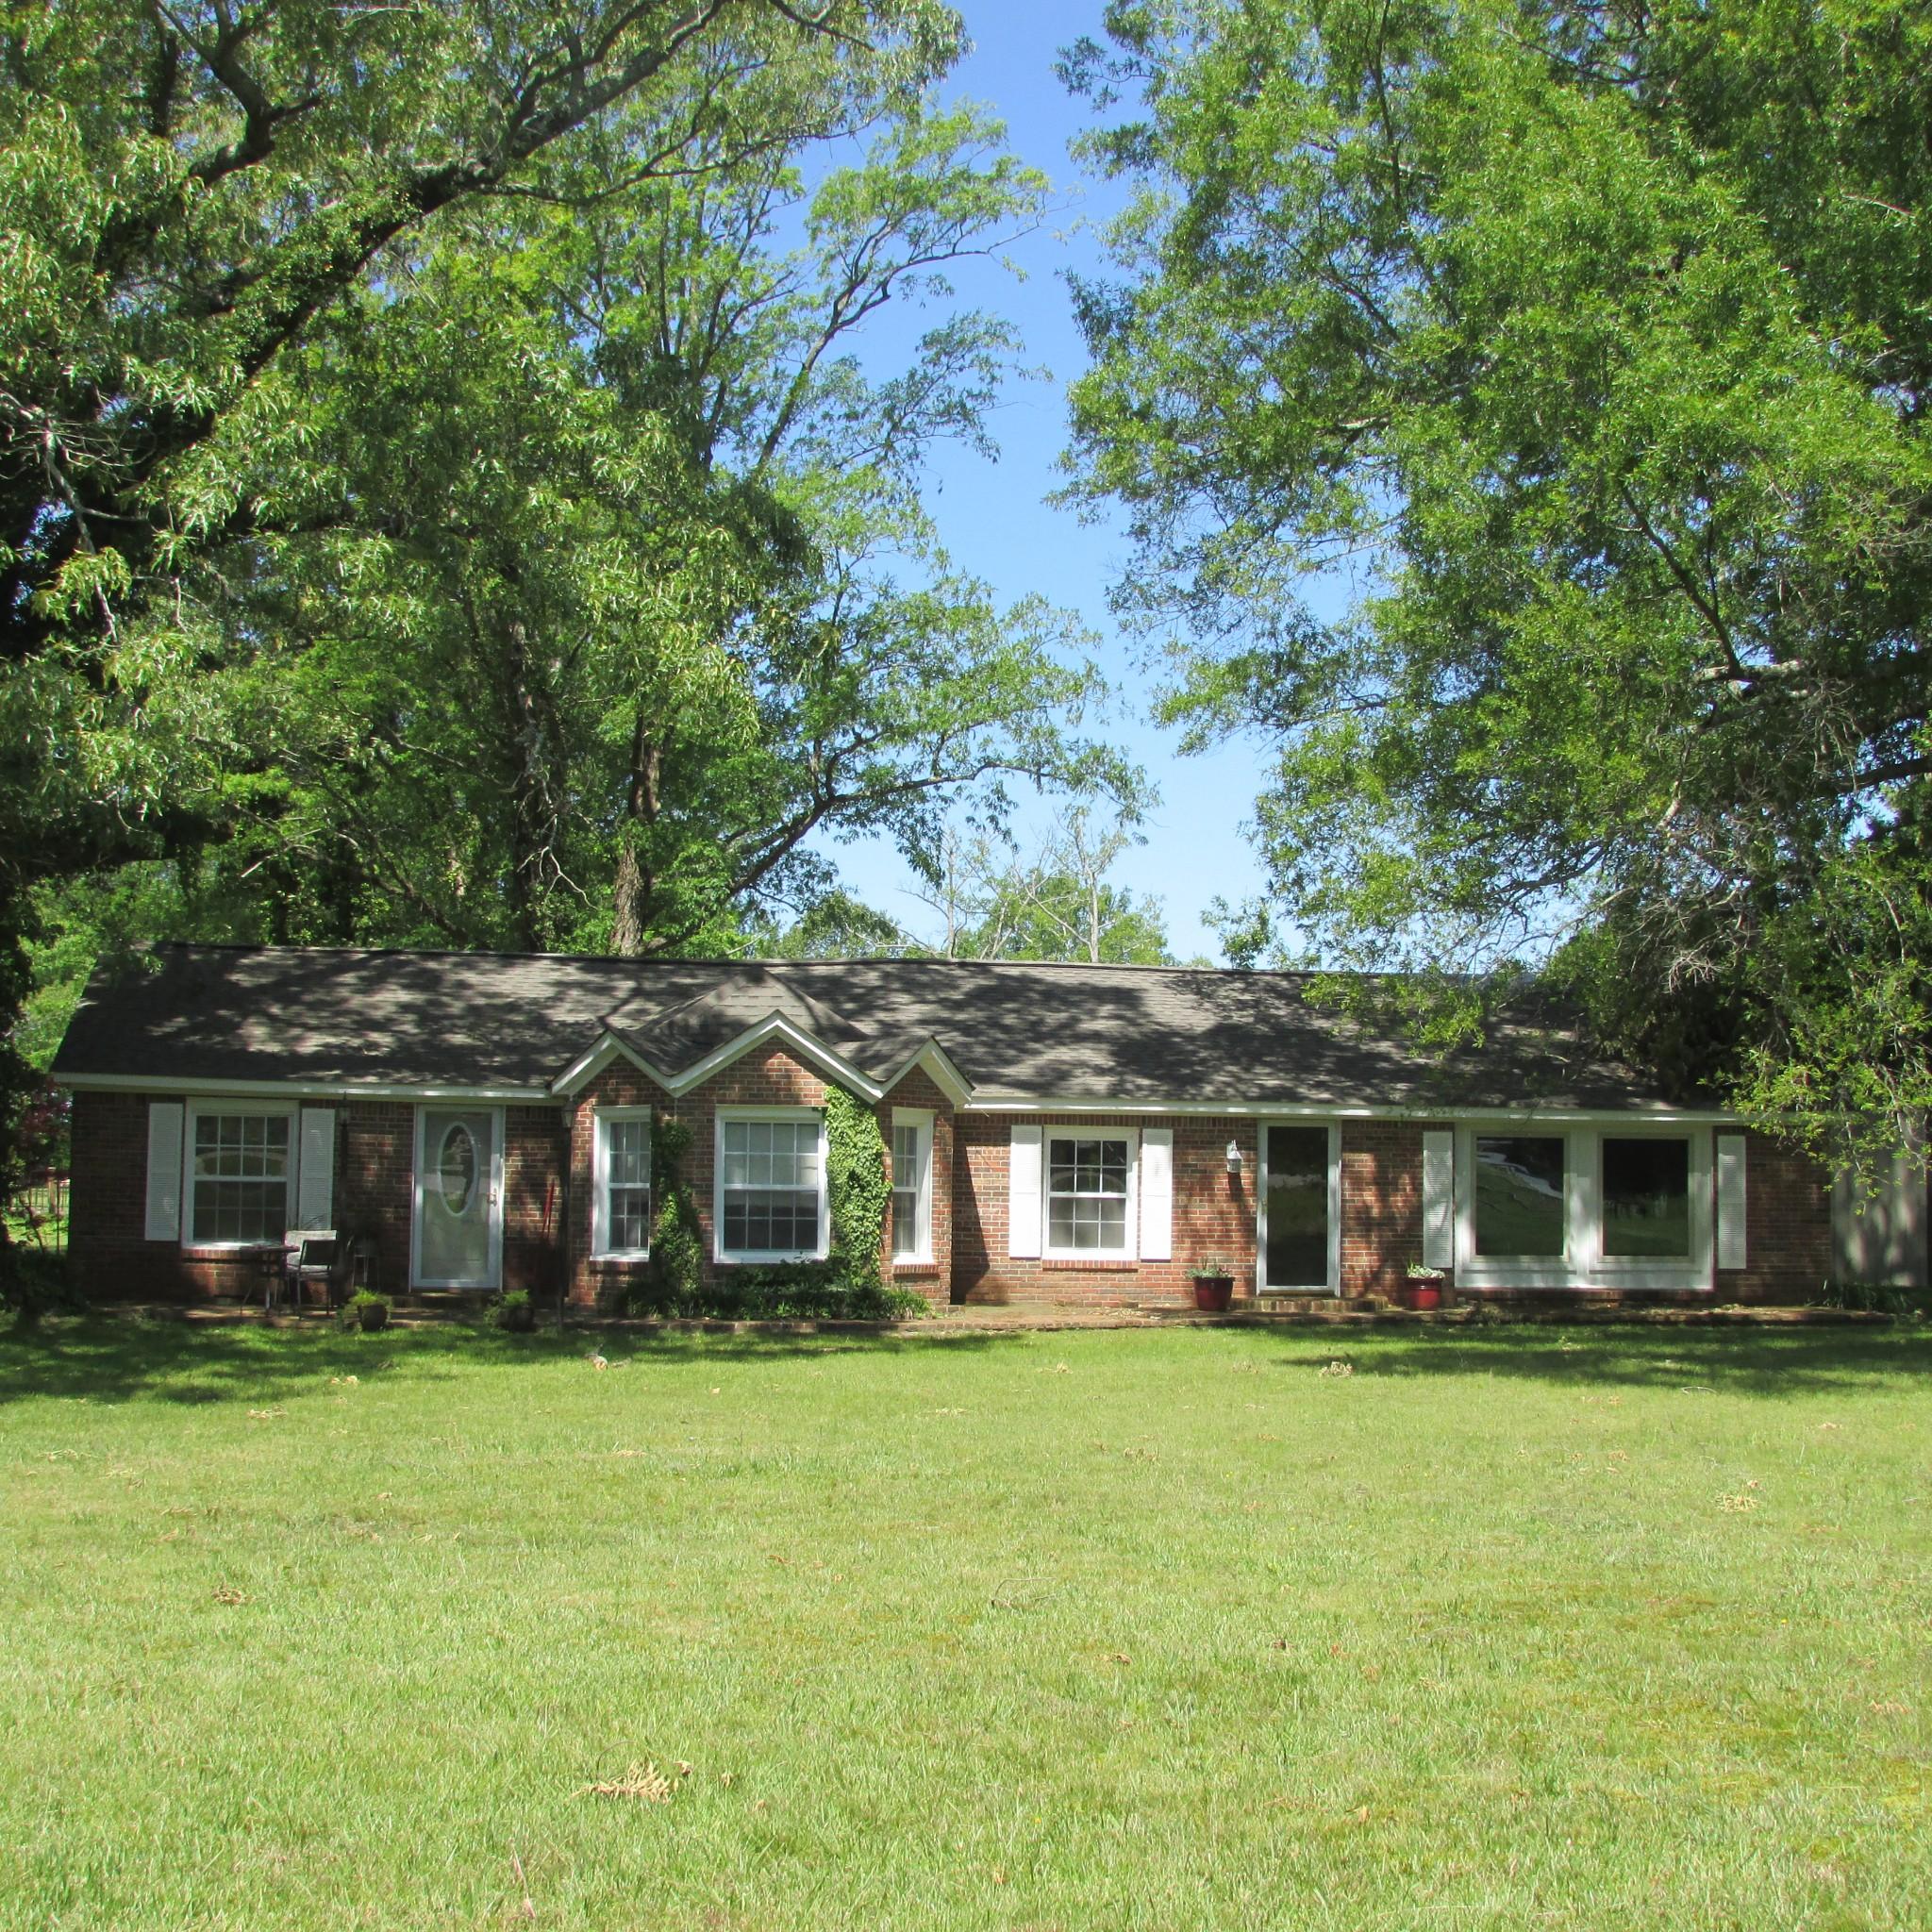 483 S Brace Rd, N, Ethridge, TN 38456 - Ethridge, TN real estate listing